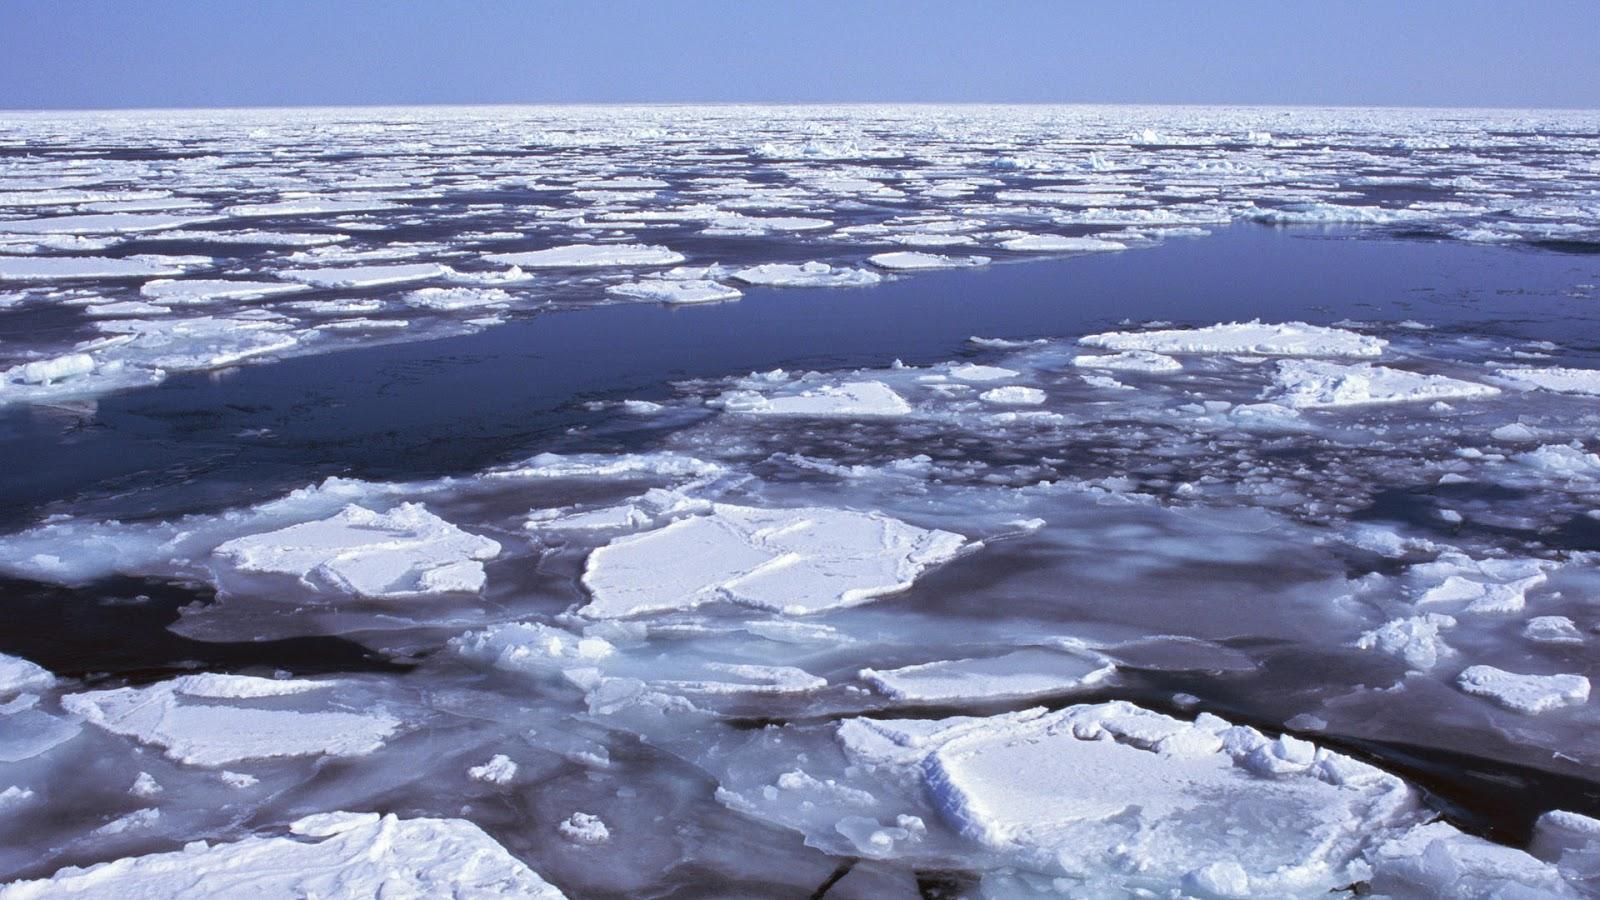 Wallpaper met ijsschotsen in zee